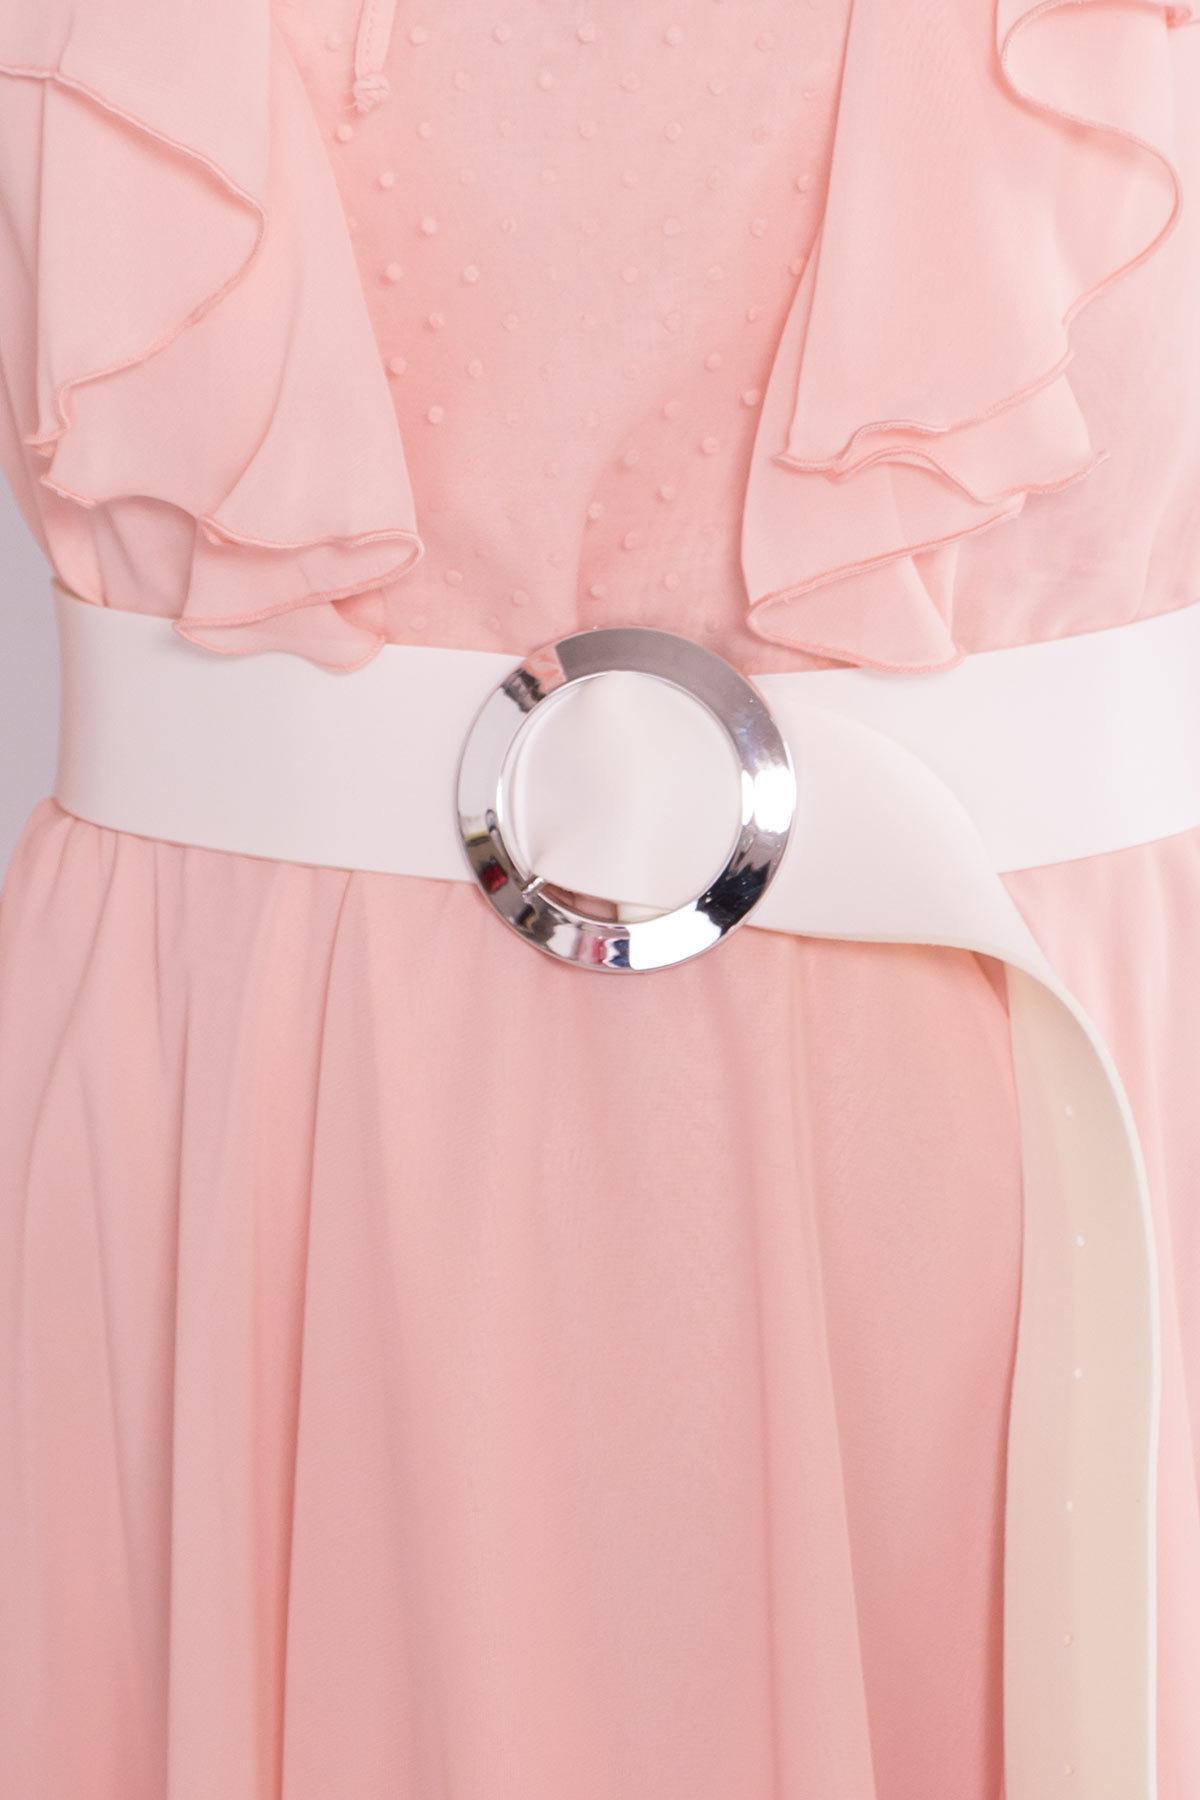 Платье Дали 6992 АРТ. 42308 Цвет: Пудра - фото 7, интернет магазин tm-modus.ru